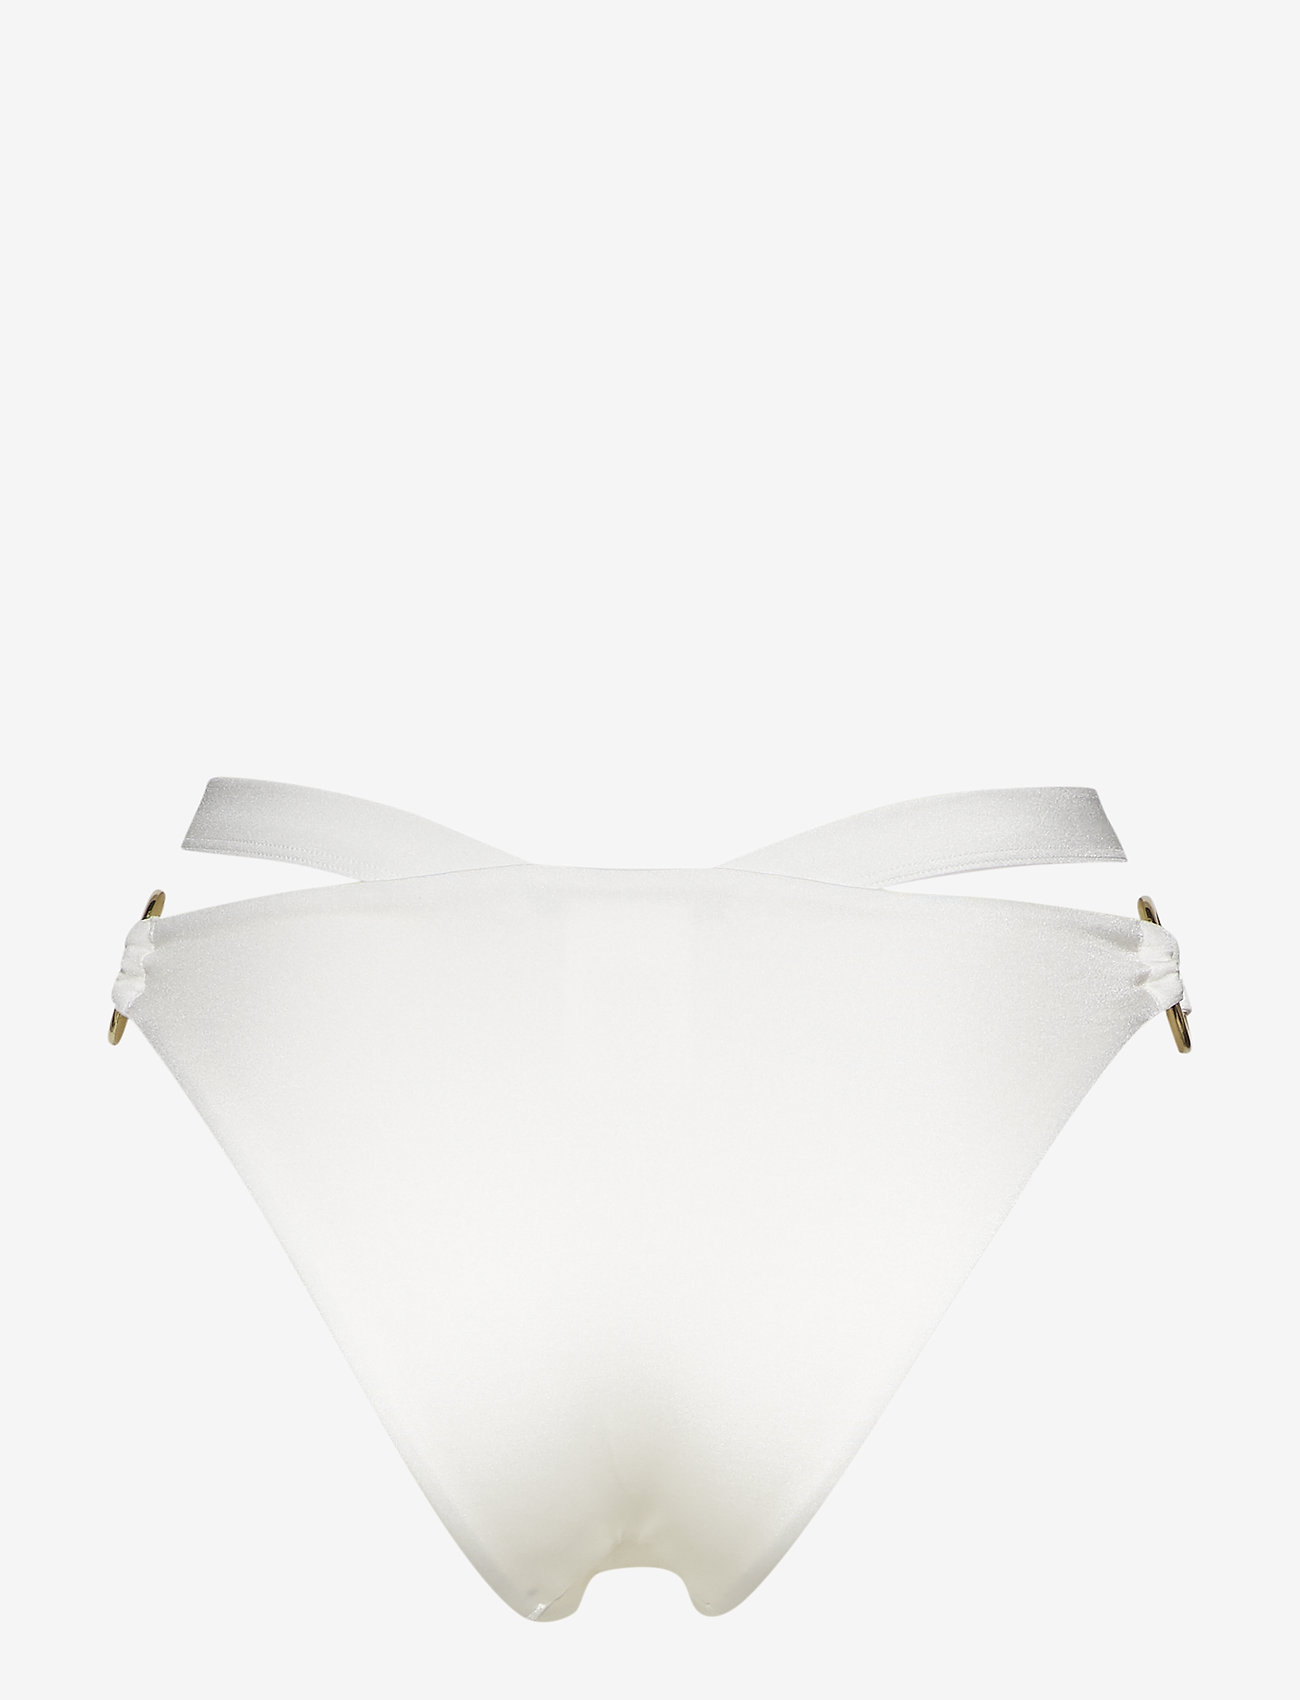 Ivyrevel - BYRON BIKINI BOTTOM - bas de 2 pièces  - white - 1